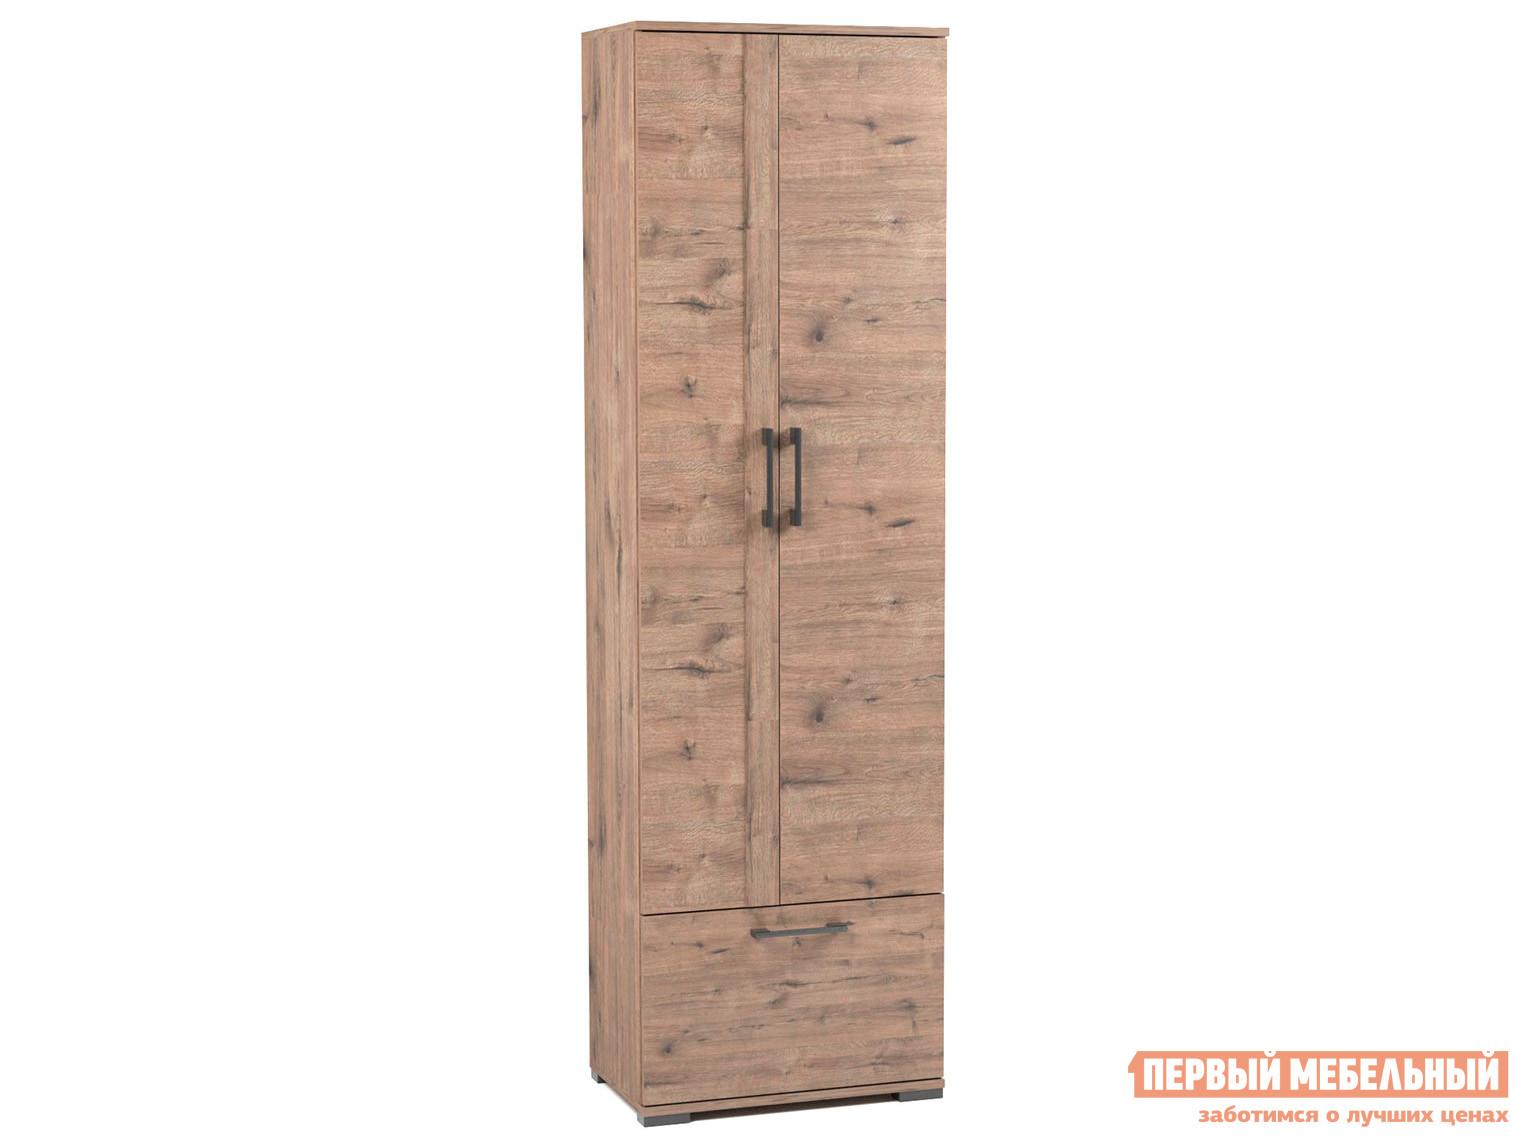 Шкаф распашной Первый Мебельный Шкаф для одежды Денвер недорого